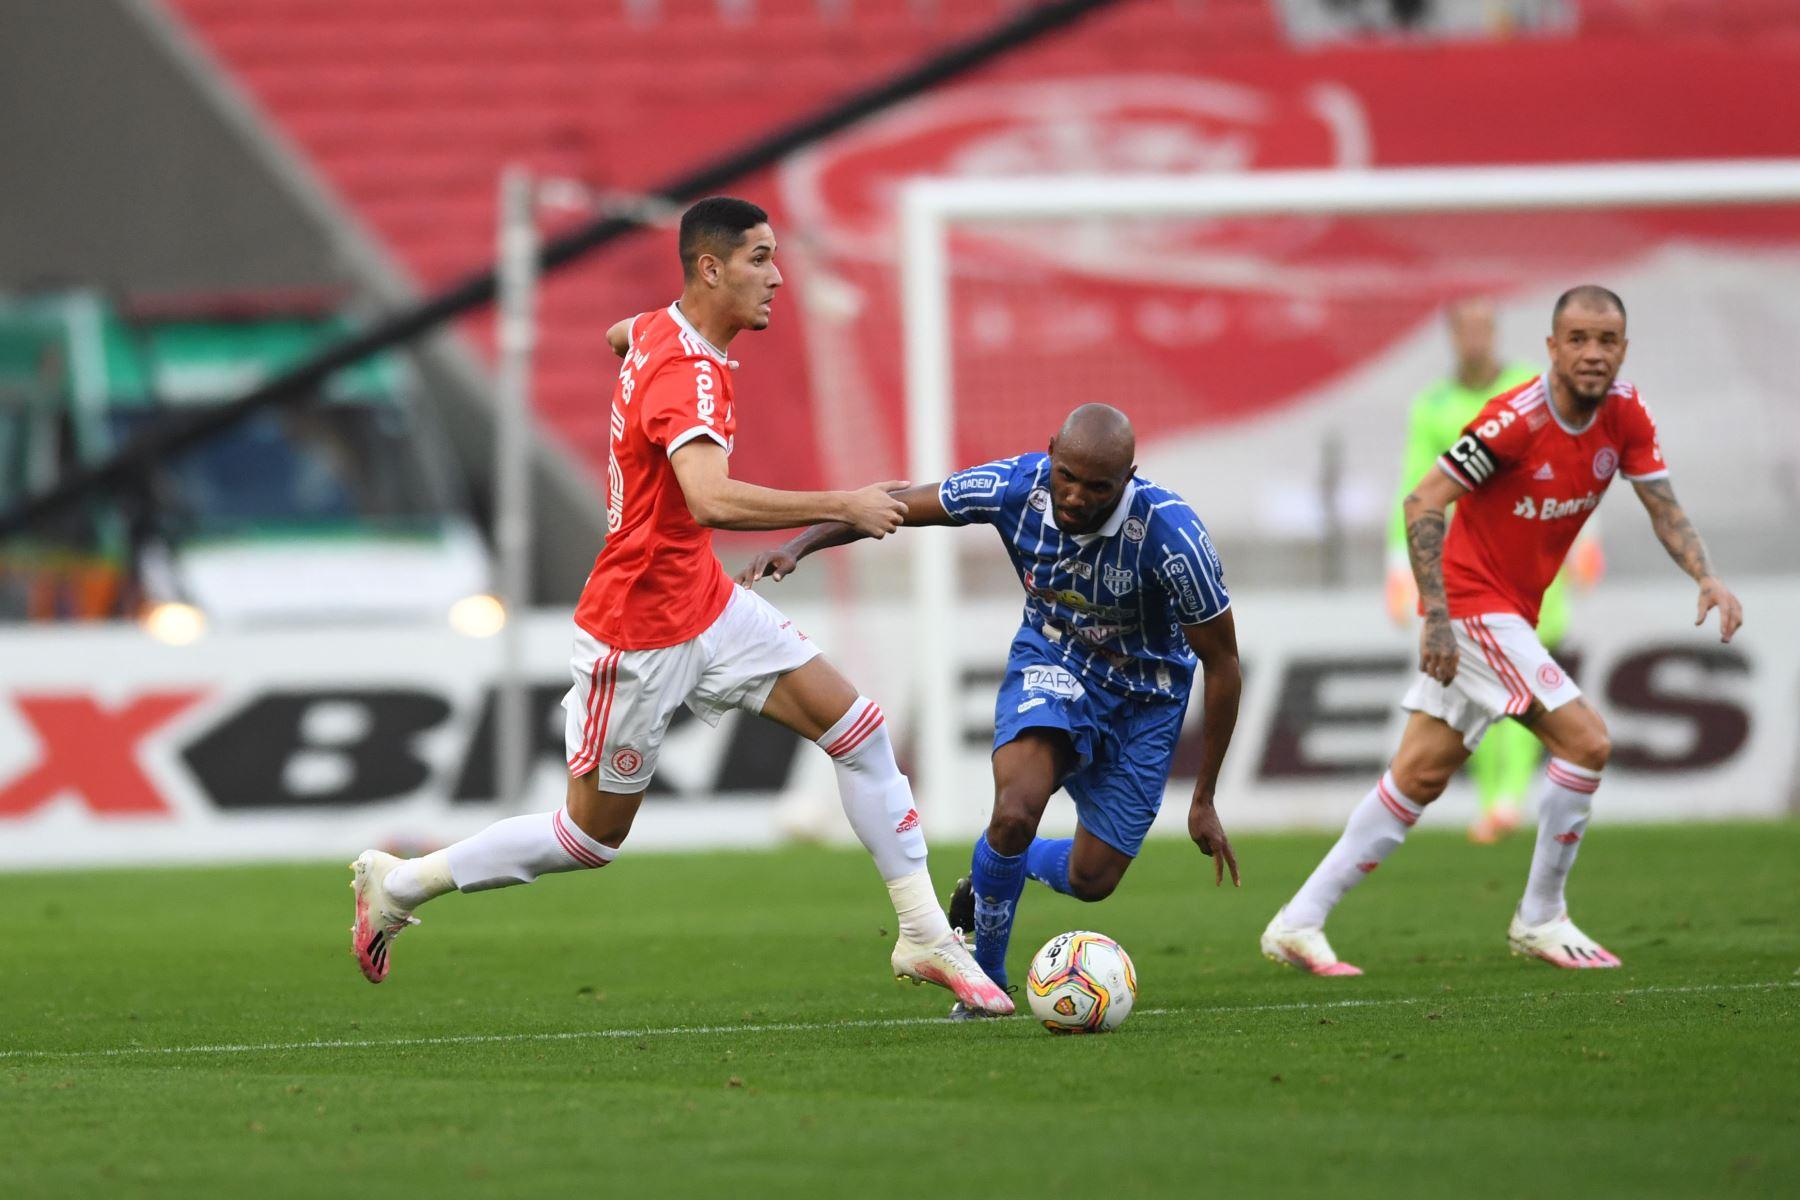 Internacional derrotó 4-0 a Esportivo de Bento por la semifinal del campeonato Gaúcho. Foto: @SCInternacional